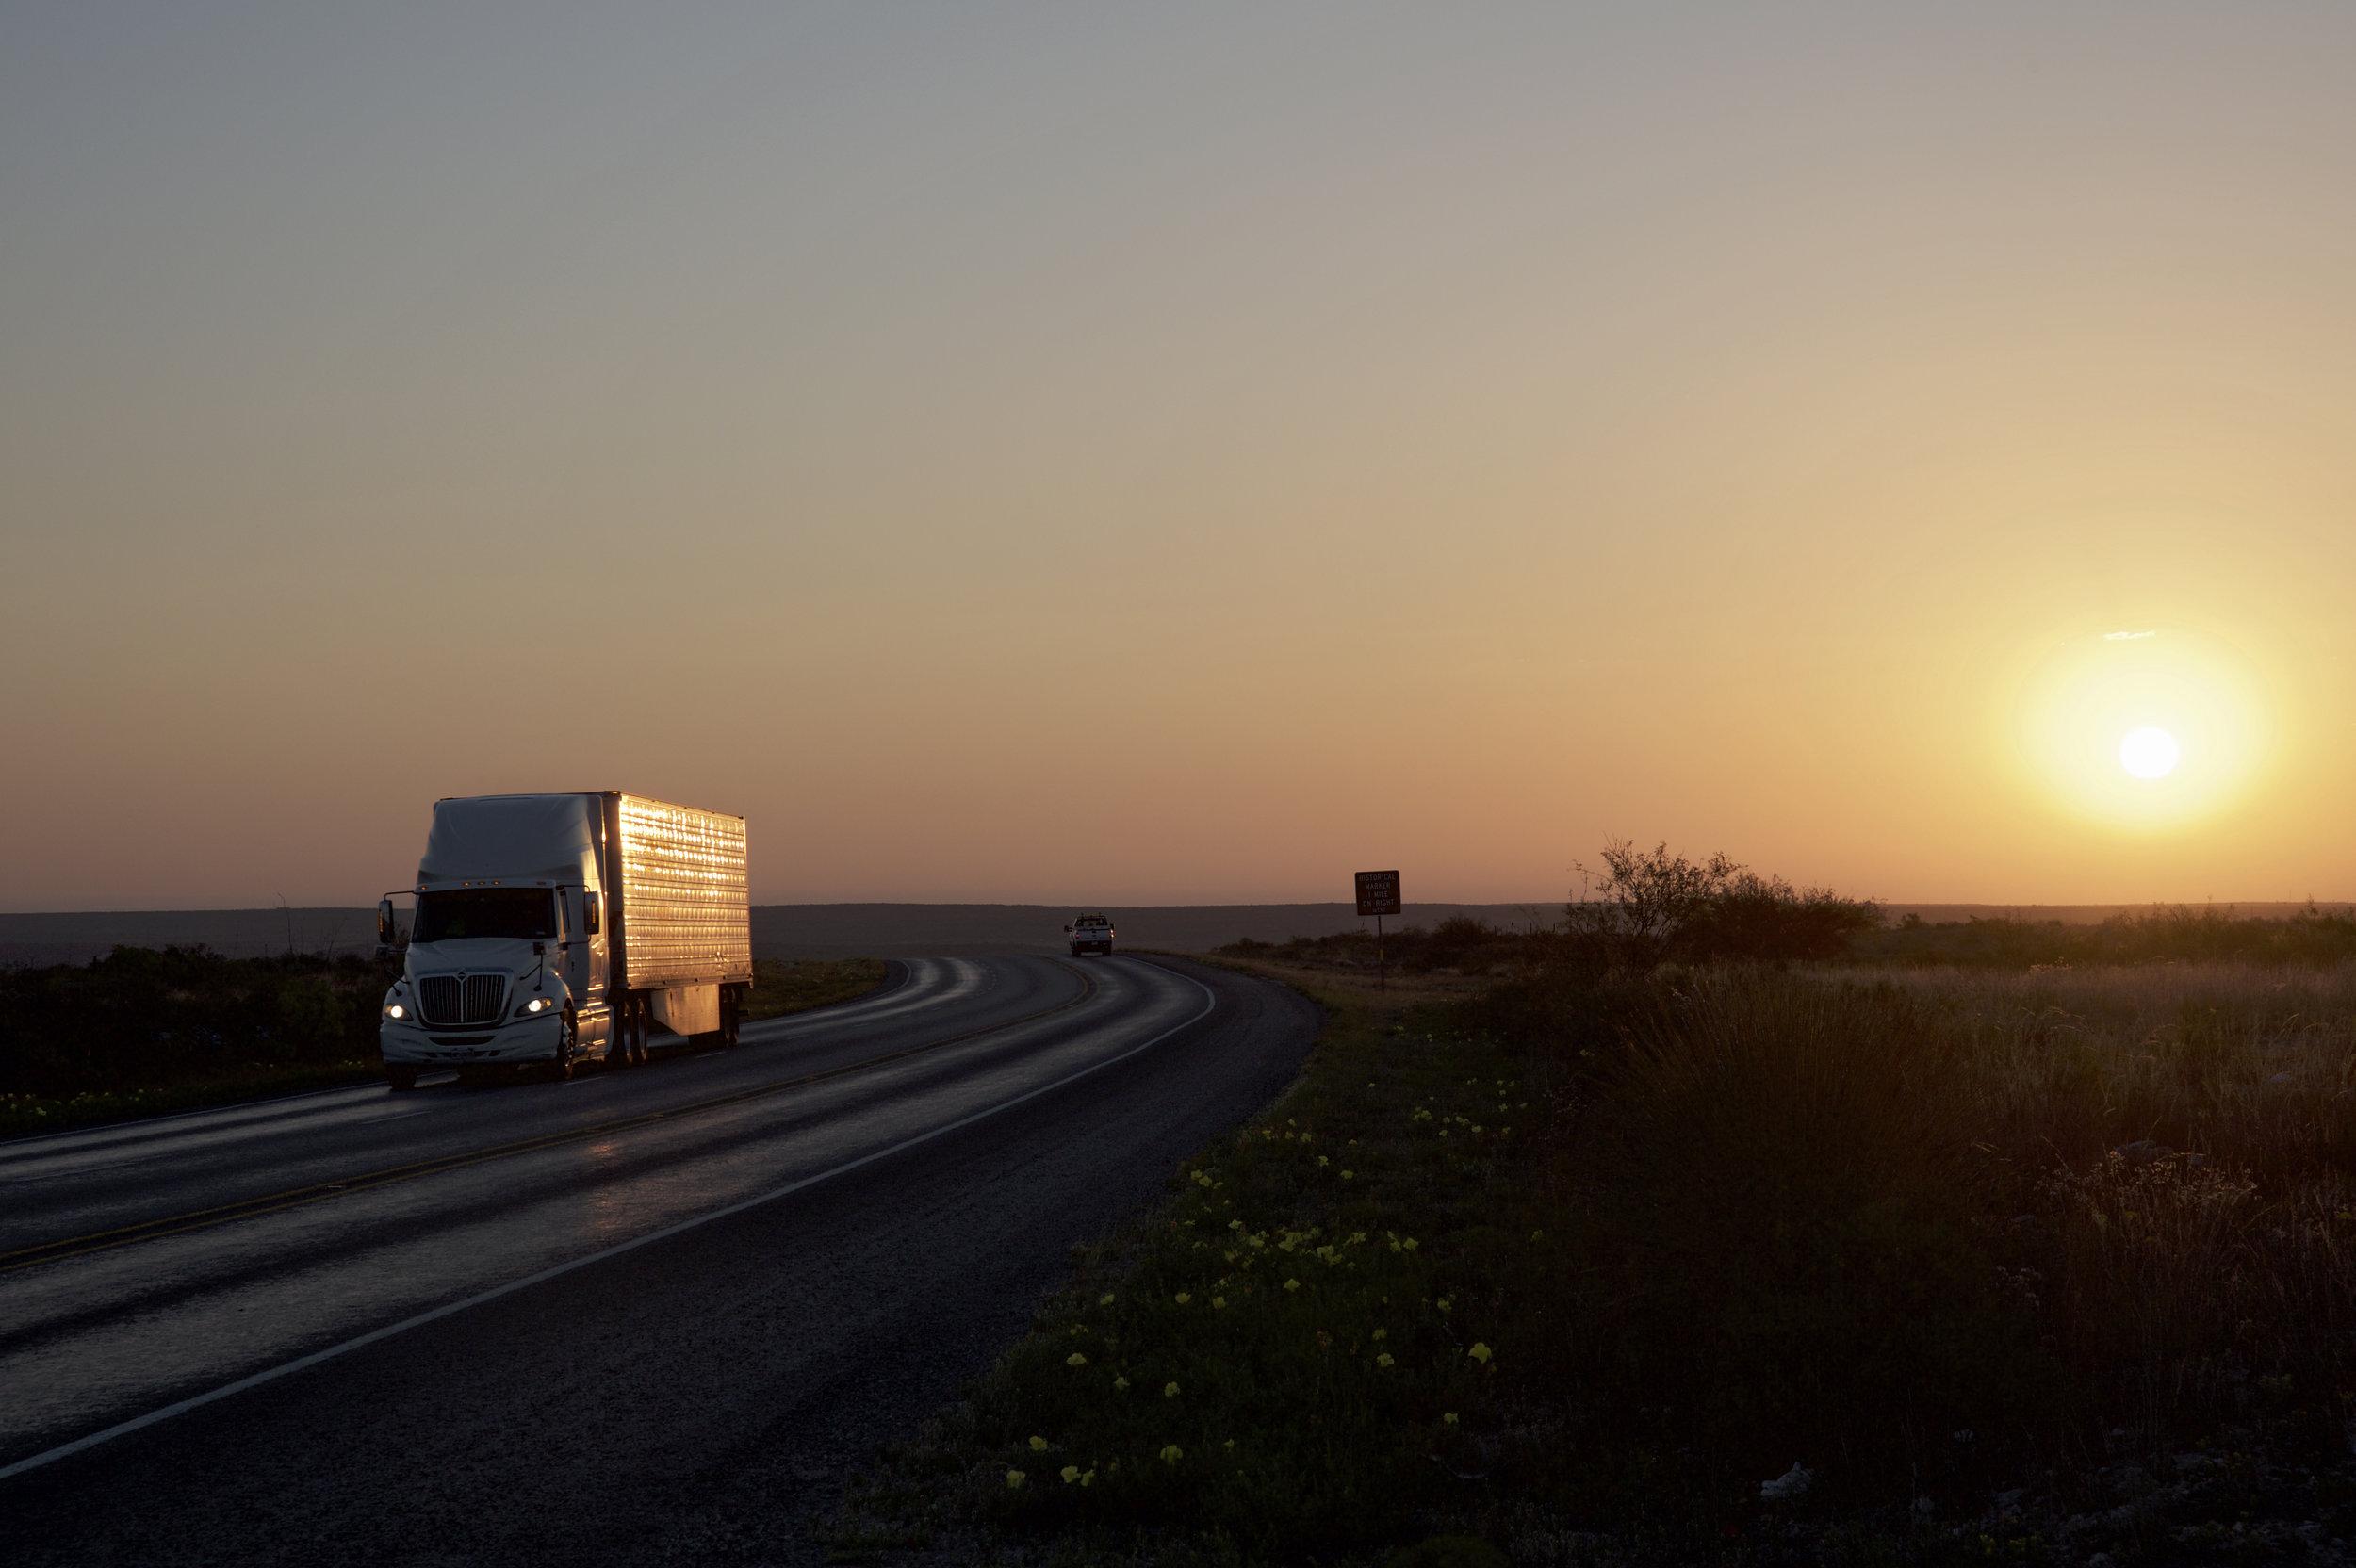 Truck_DSC5954.jpg